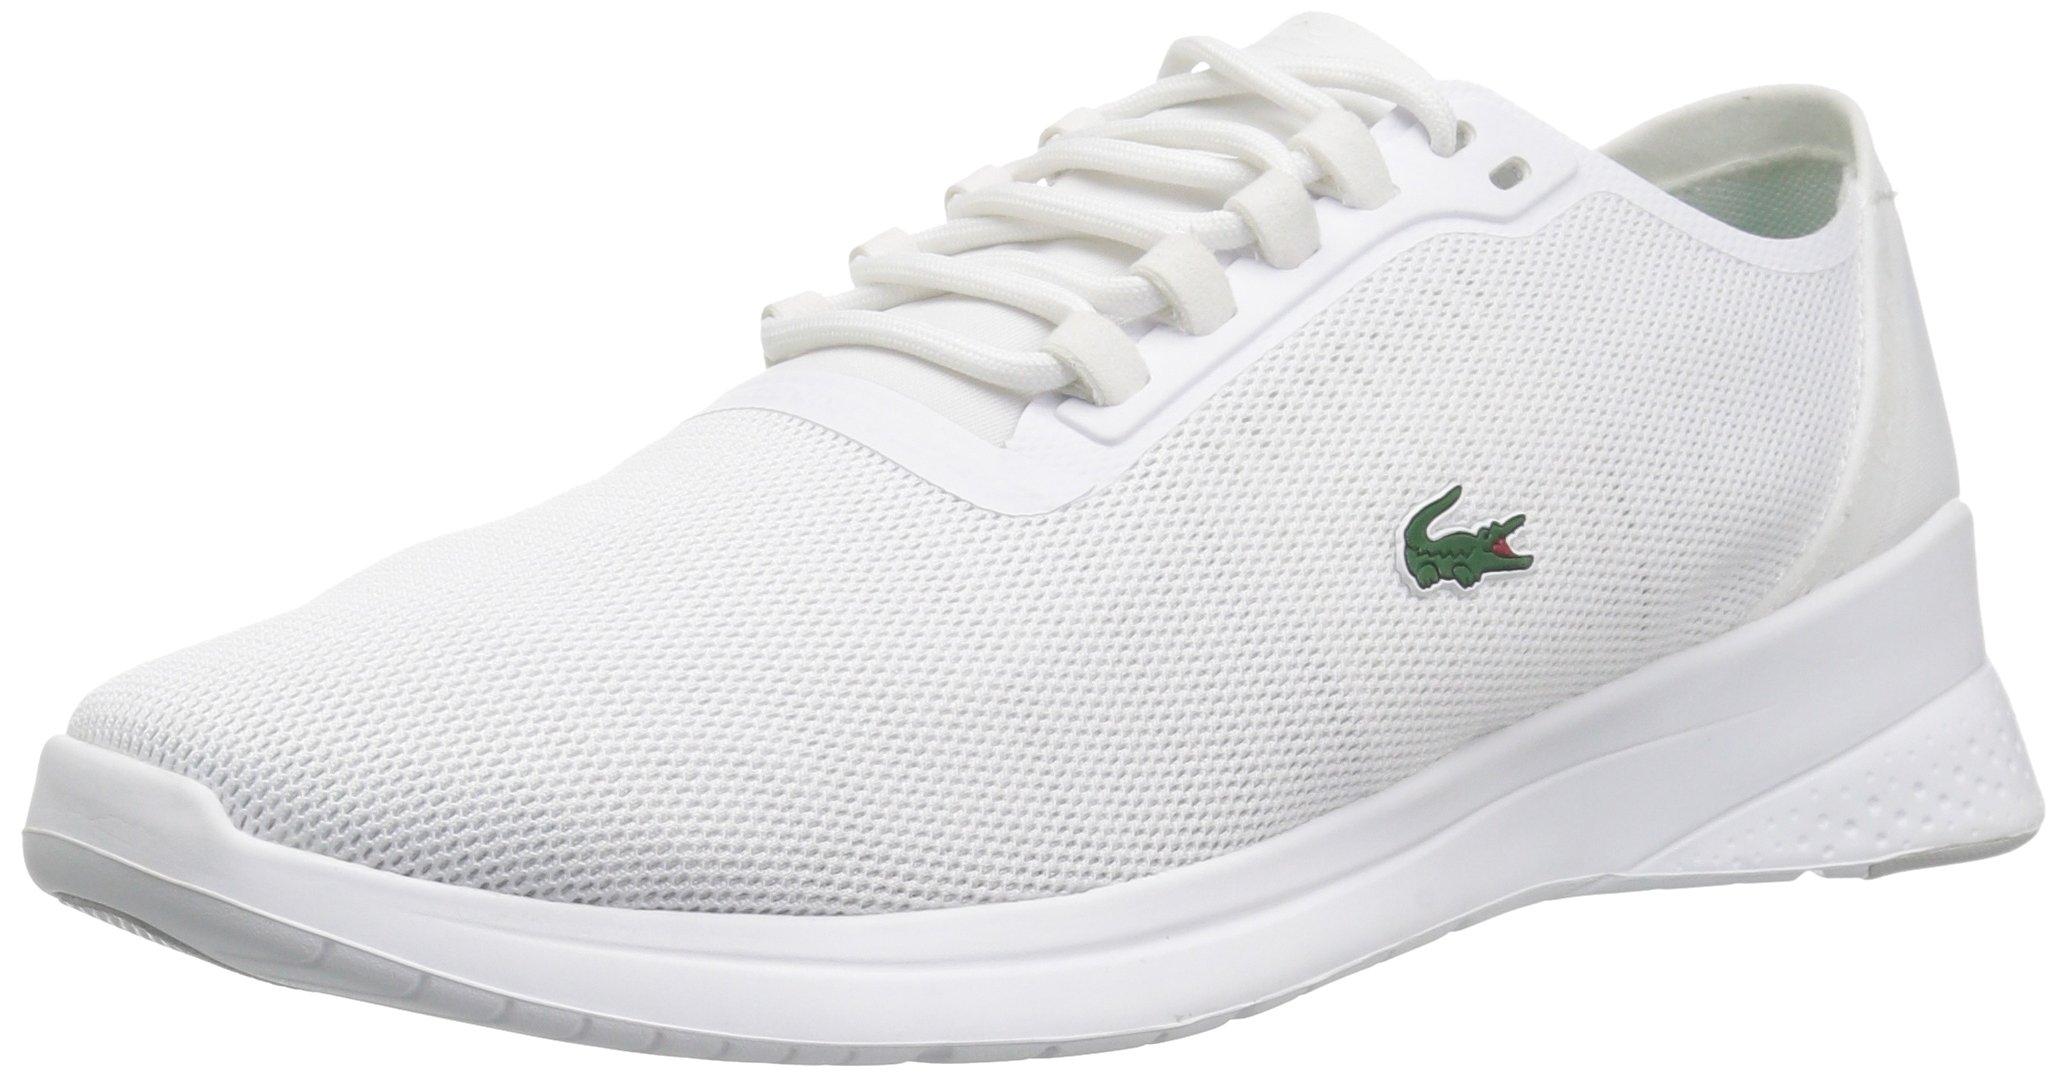 Lacoste Women's LT FIT 118 4 SPW Sneaker White, 10 M US